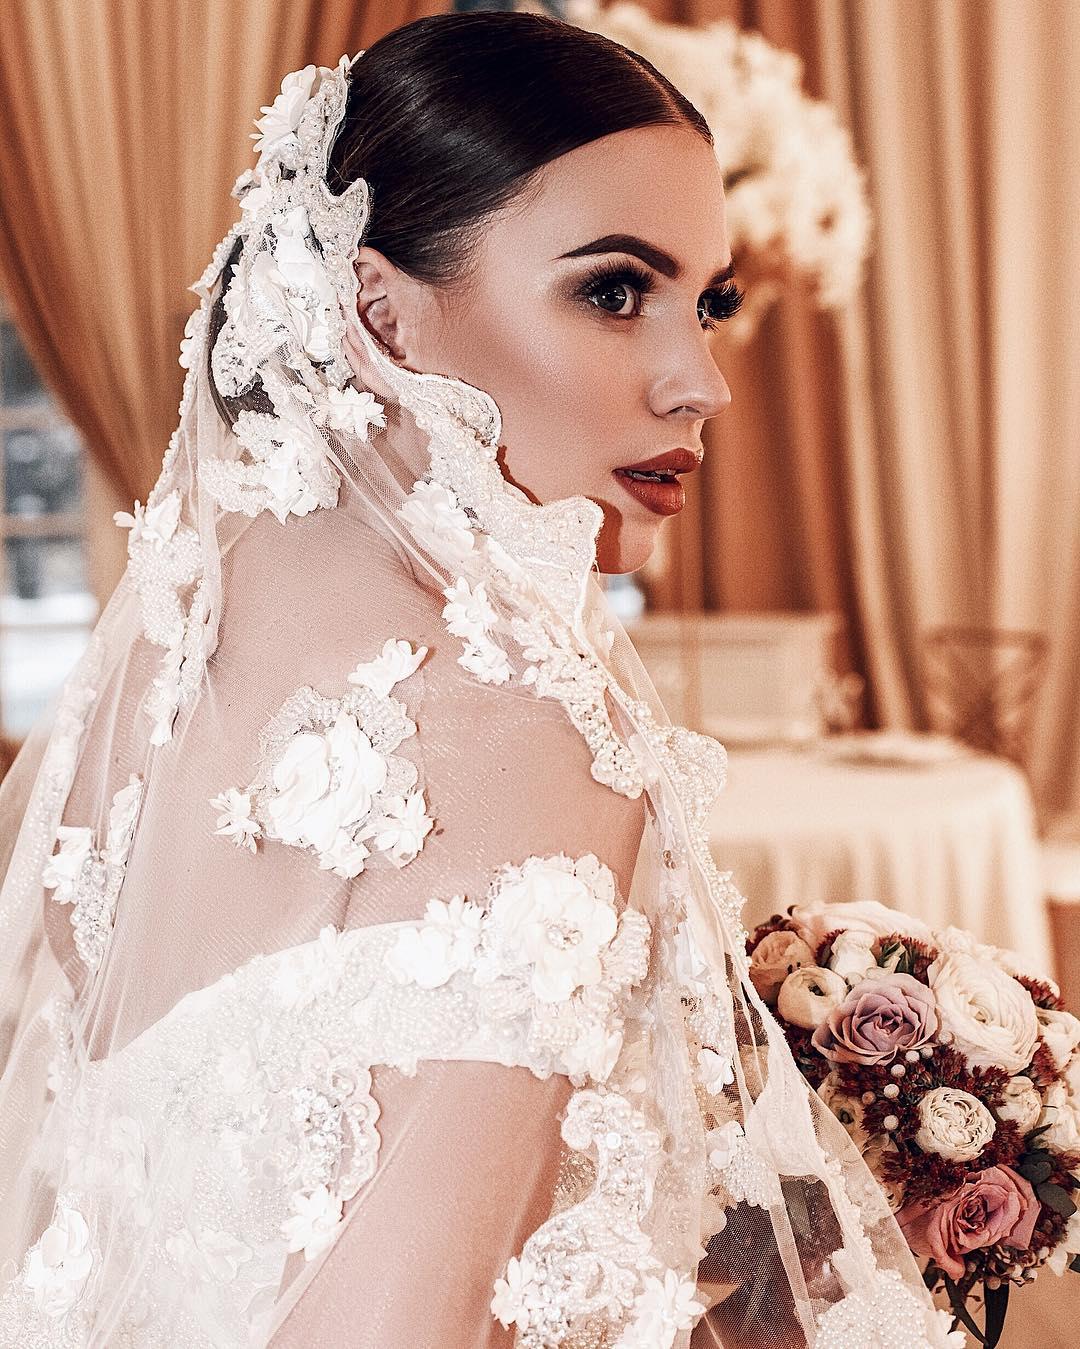 проблему саша артемова свадьба фото это небольшой